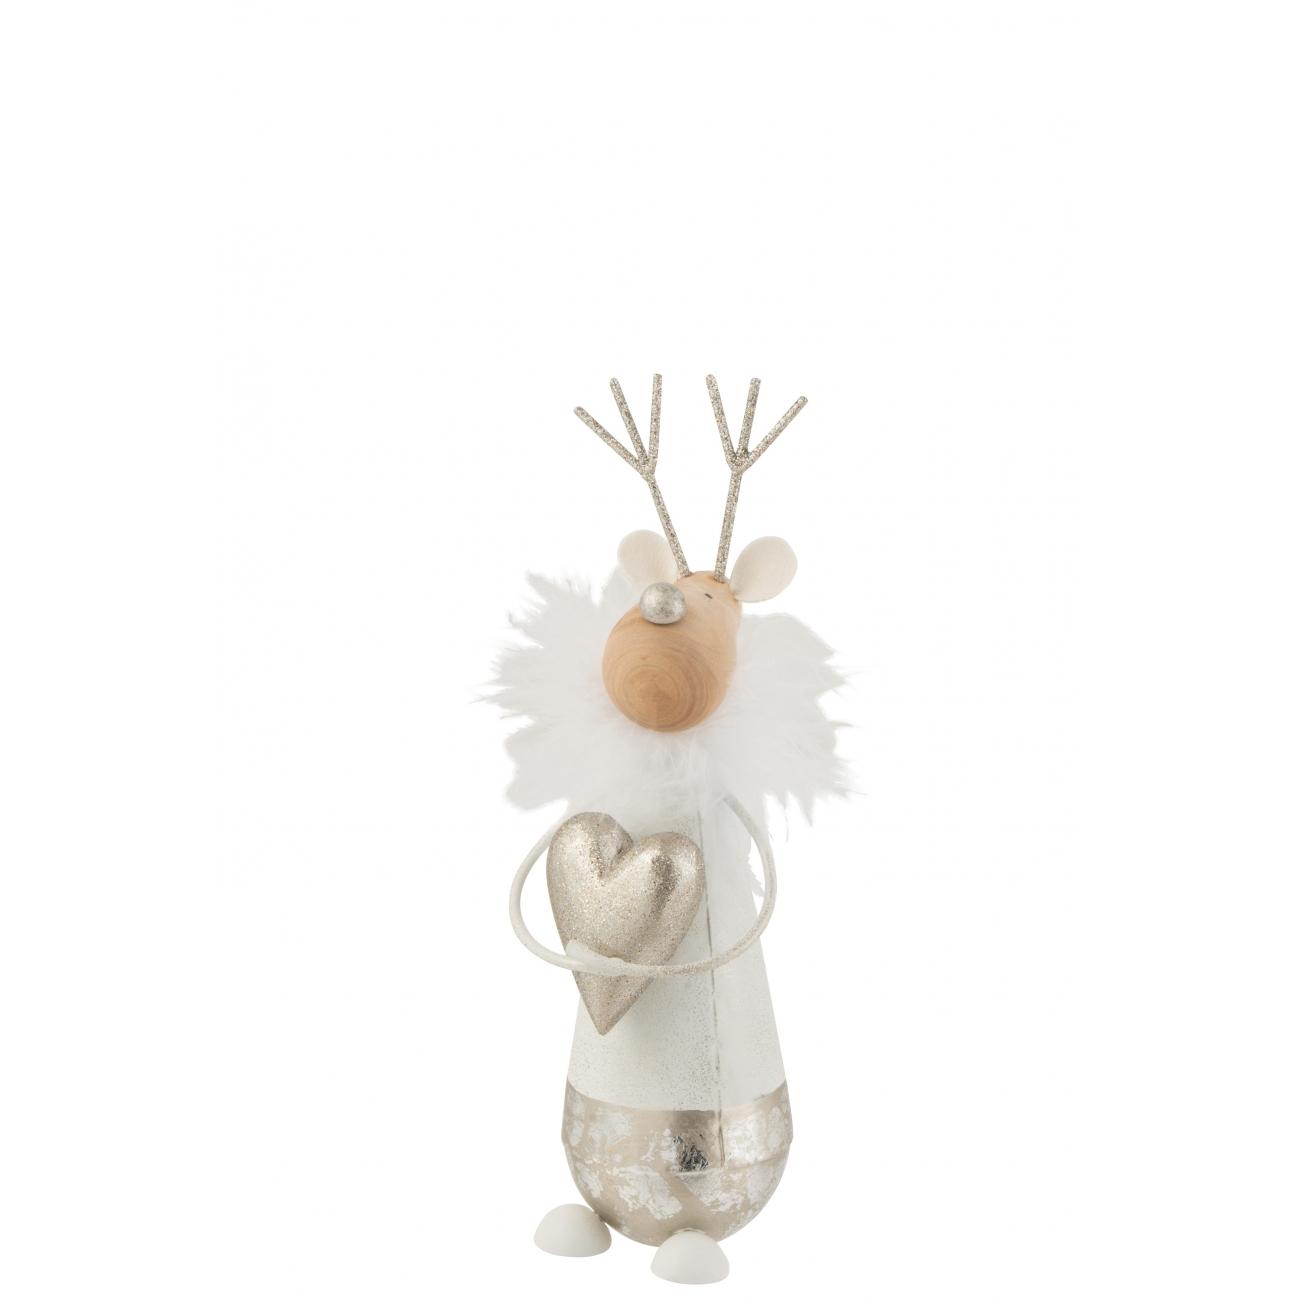 Статуэтка J-LINE олень новогодний с сердечком высота 22 см Бельгия